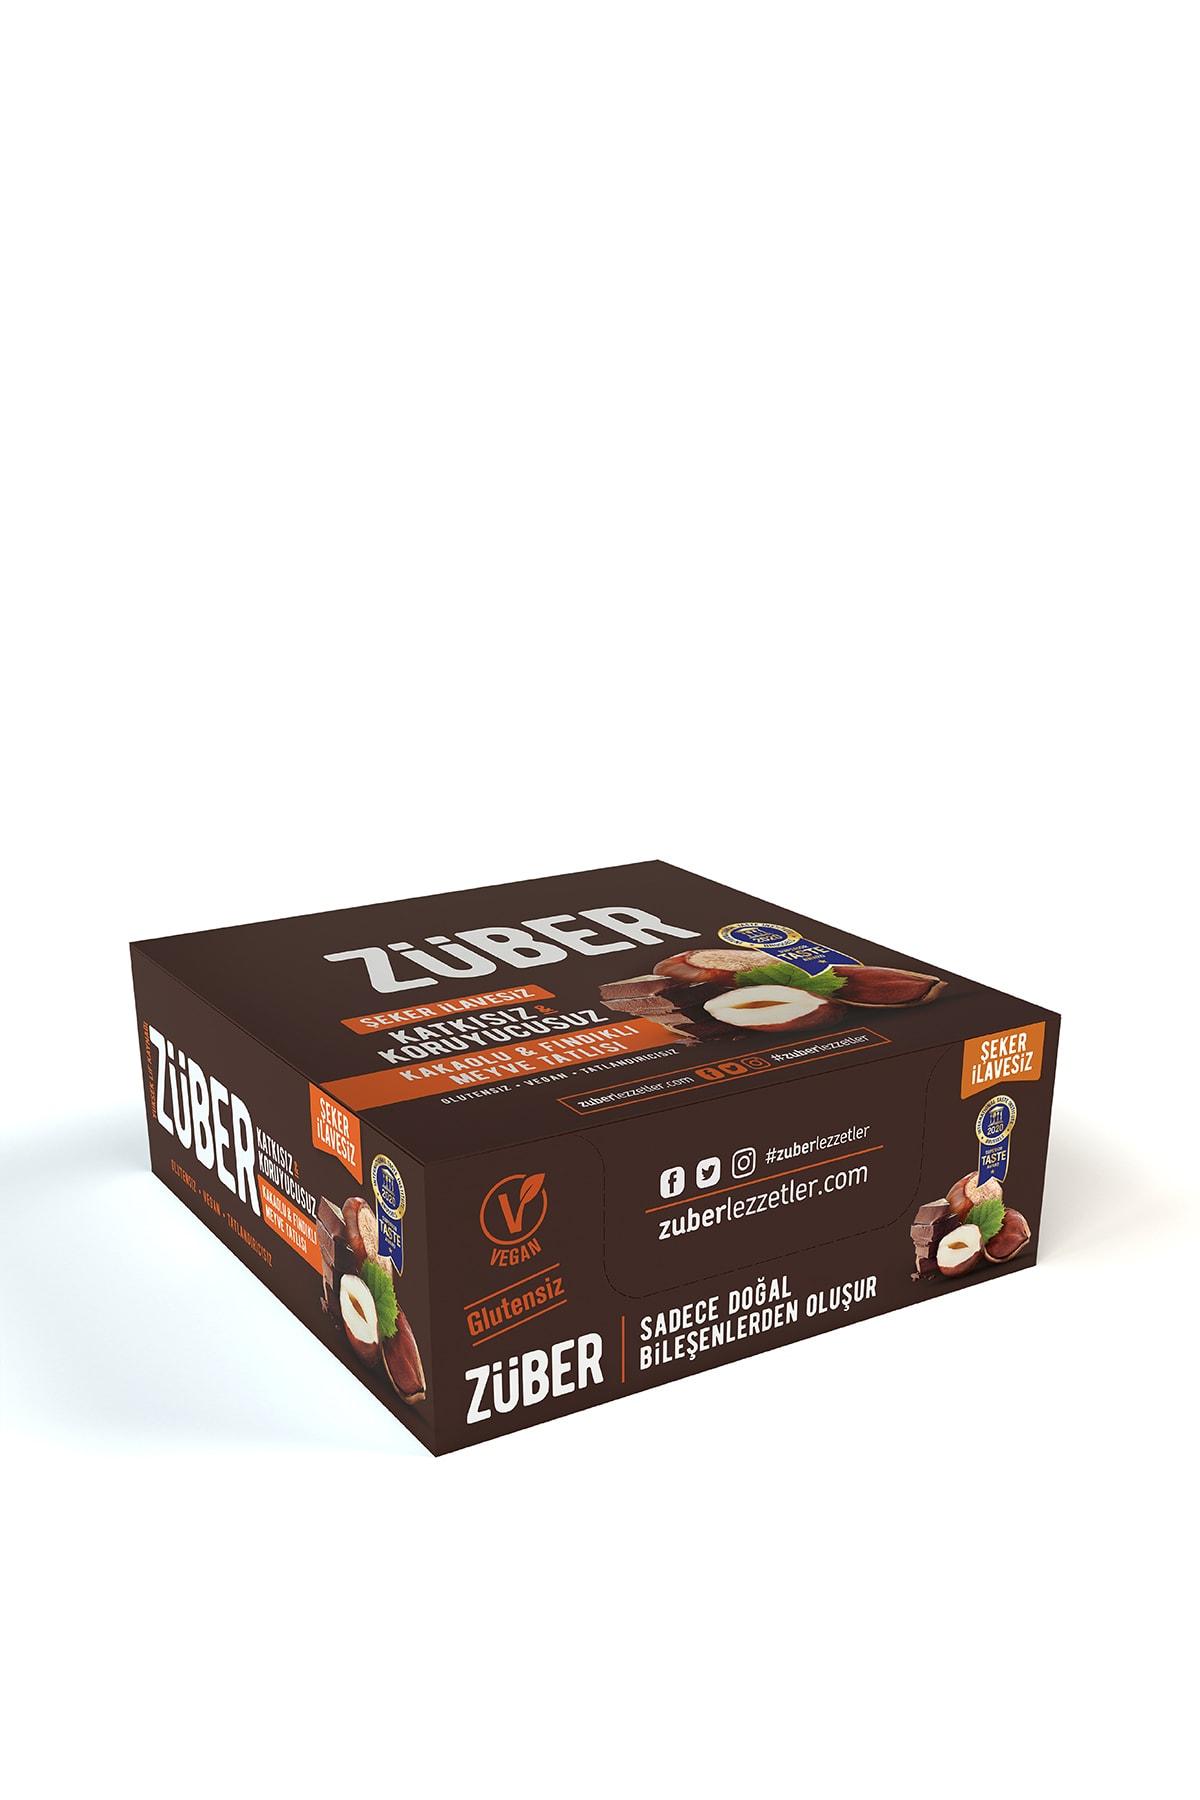 Züber Fındık ve Kakaolu Meyve Tatlısı - 40 g x 12 Adet 2